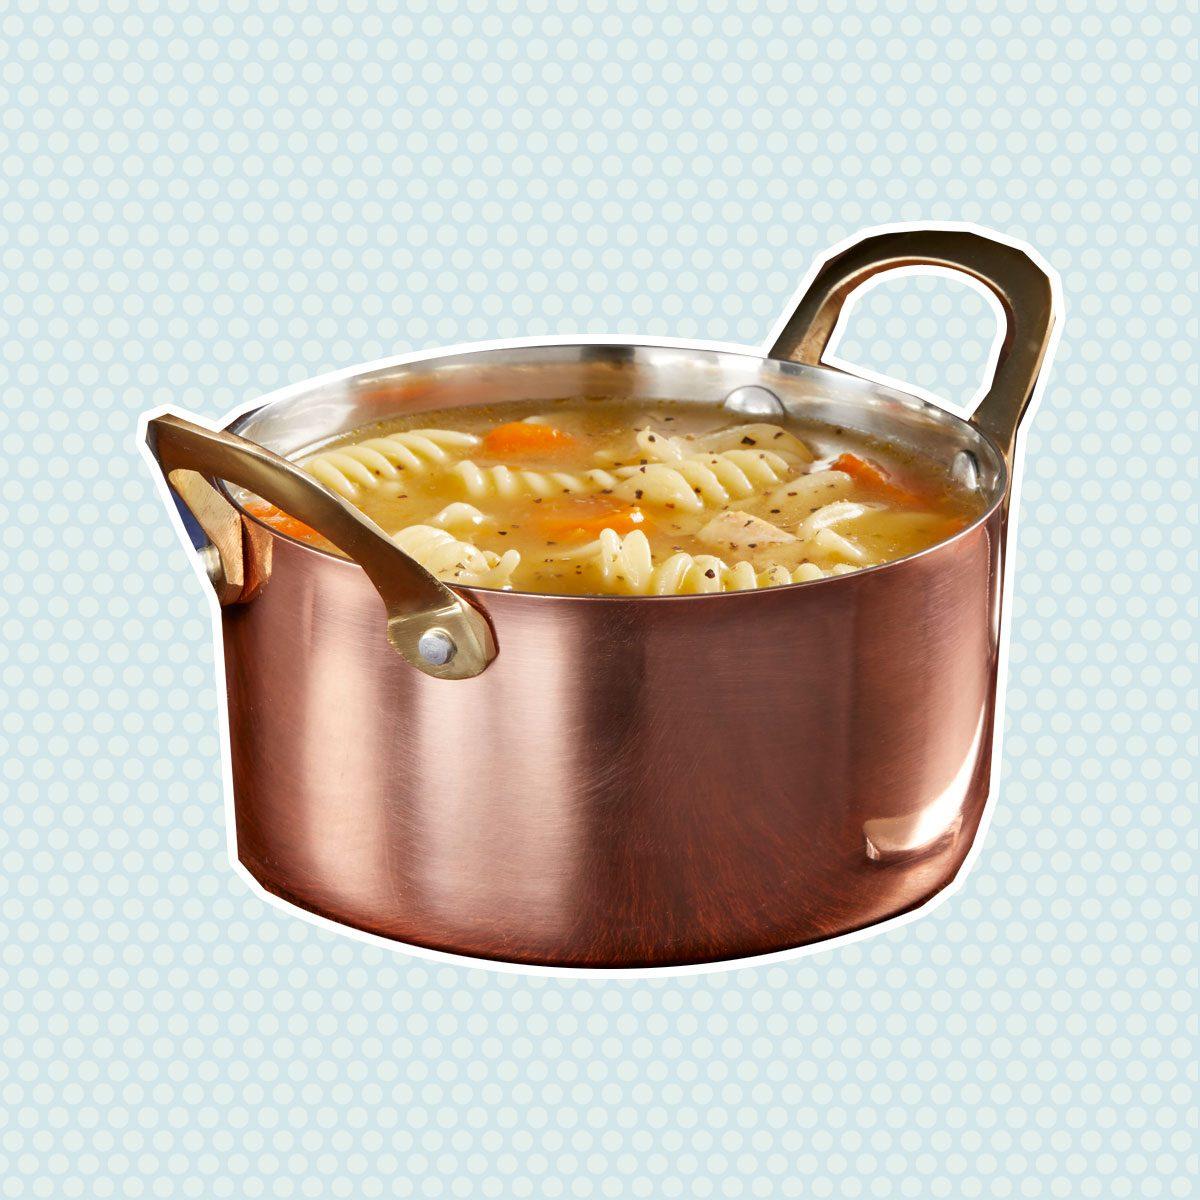 Crofton Mini Copper Cookware